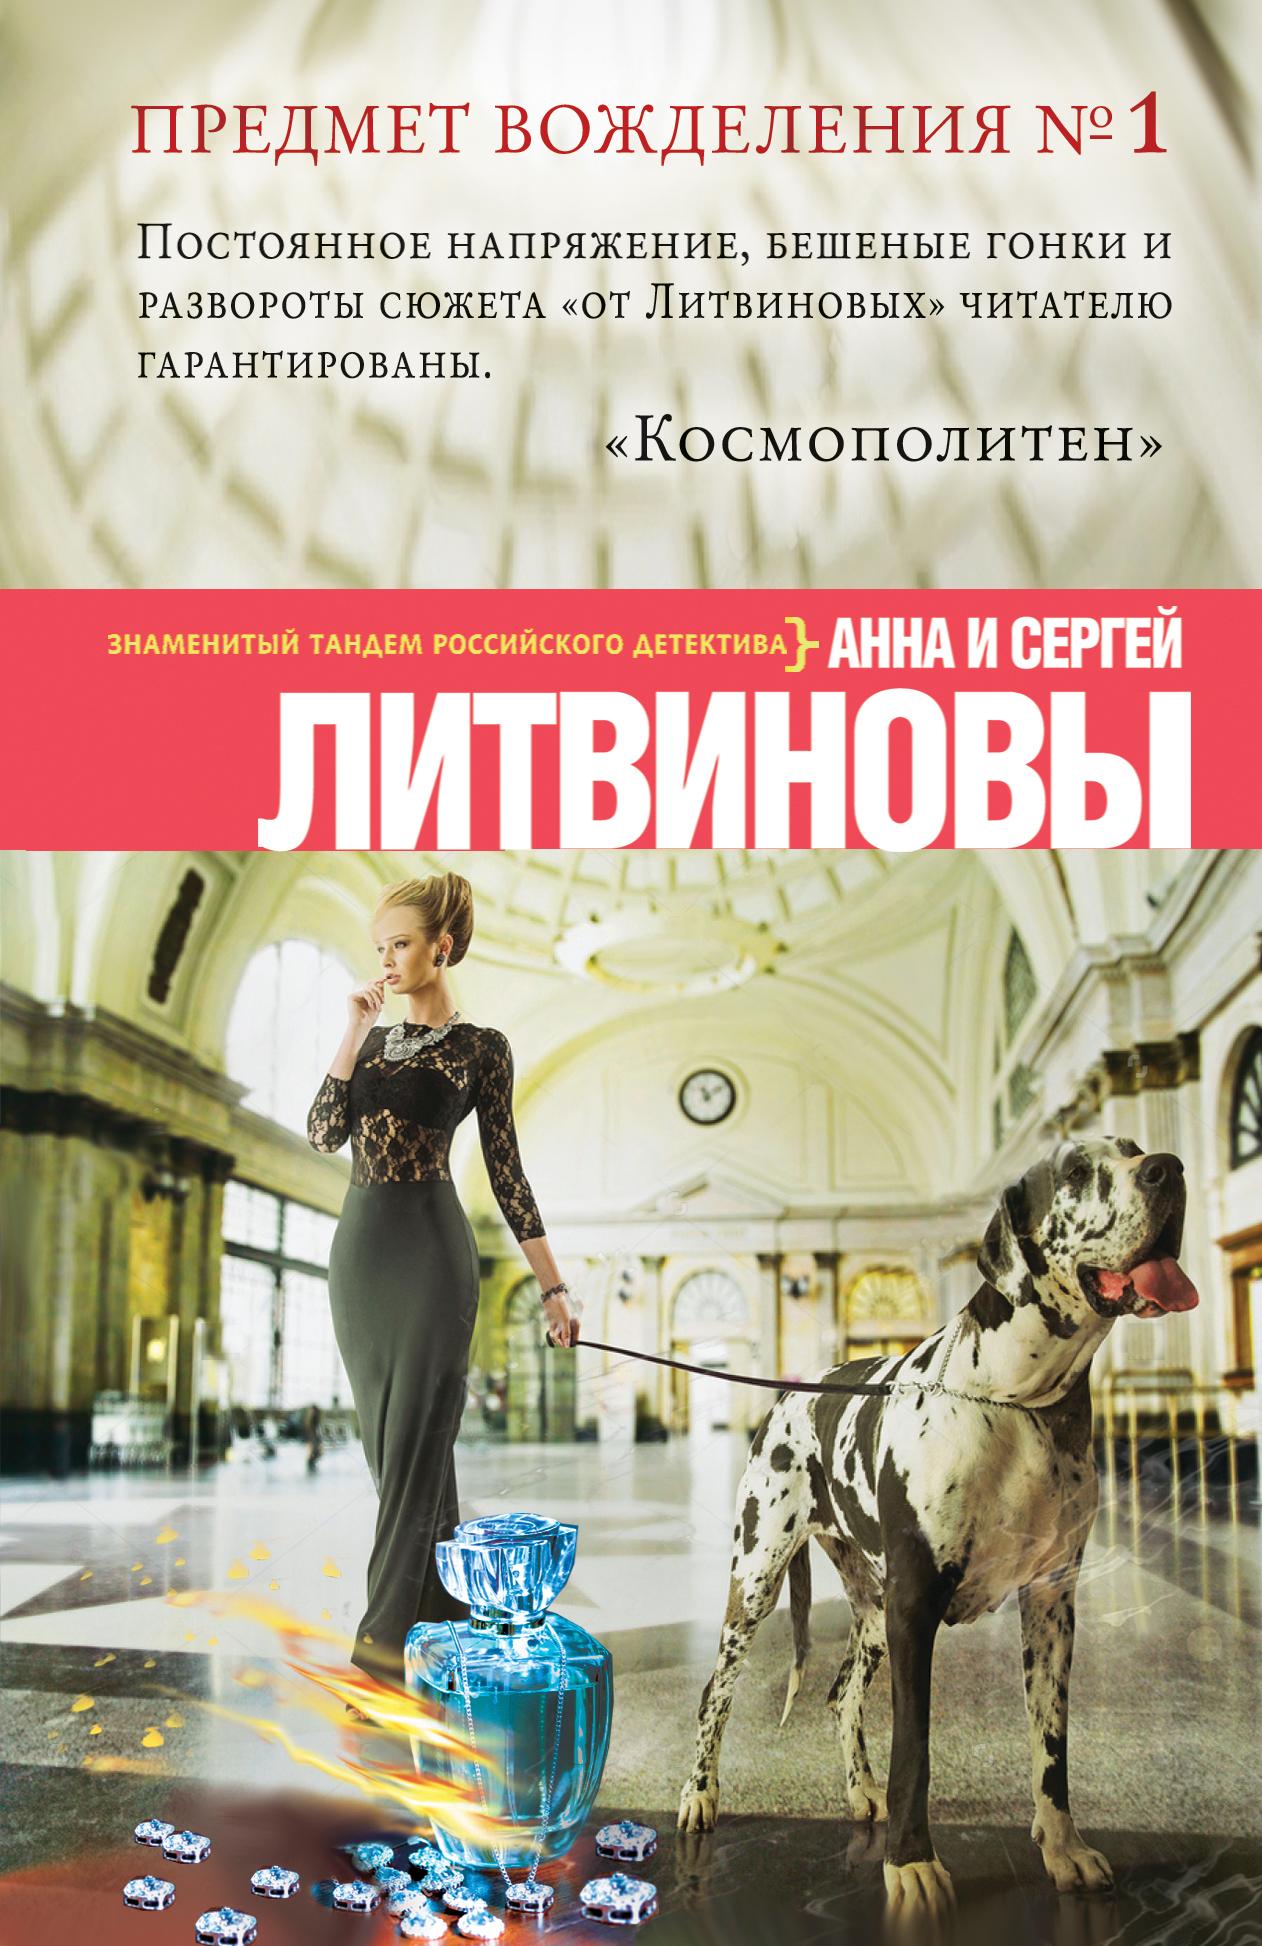 Анна и Сергей Литвиновы Предмет вожделения № 1